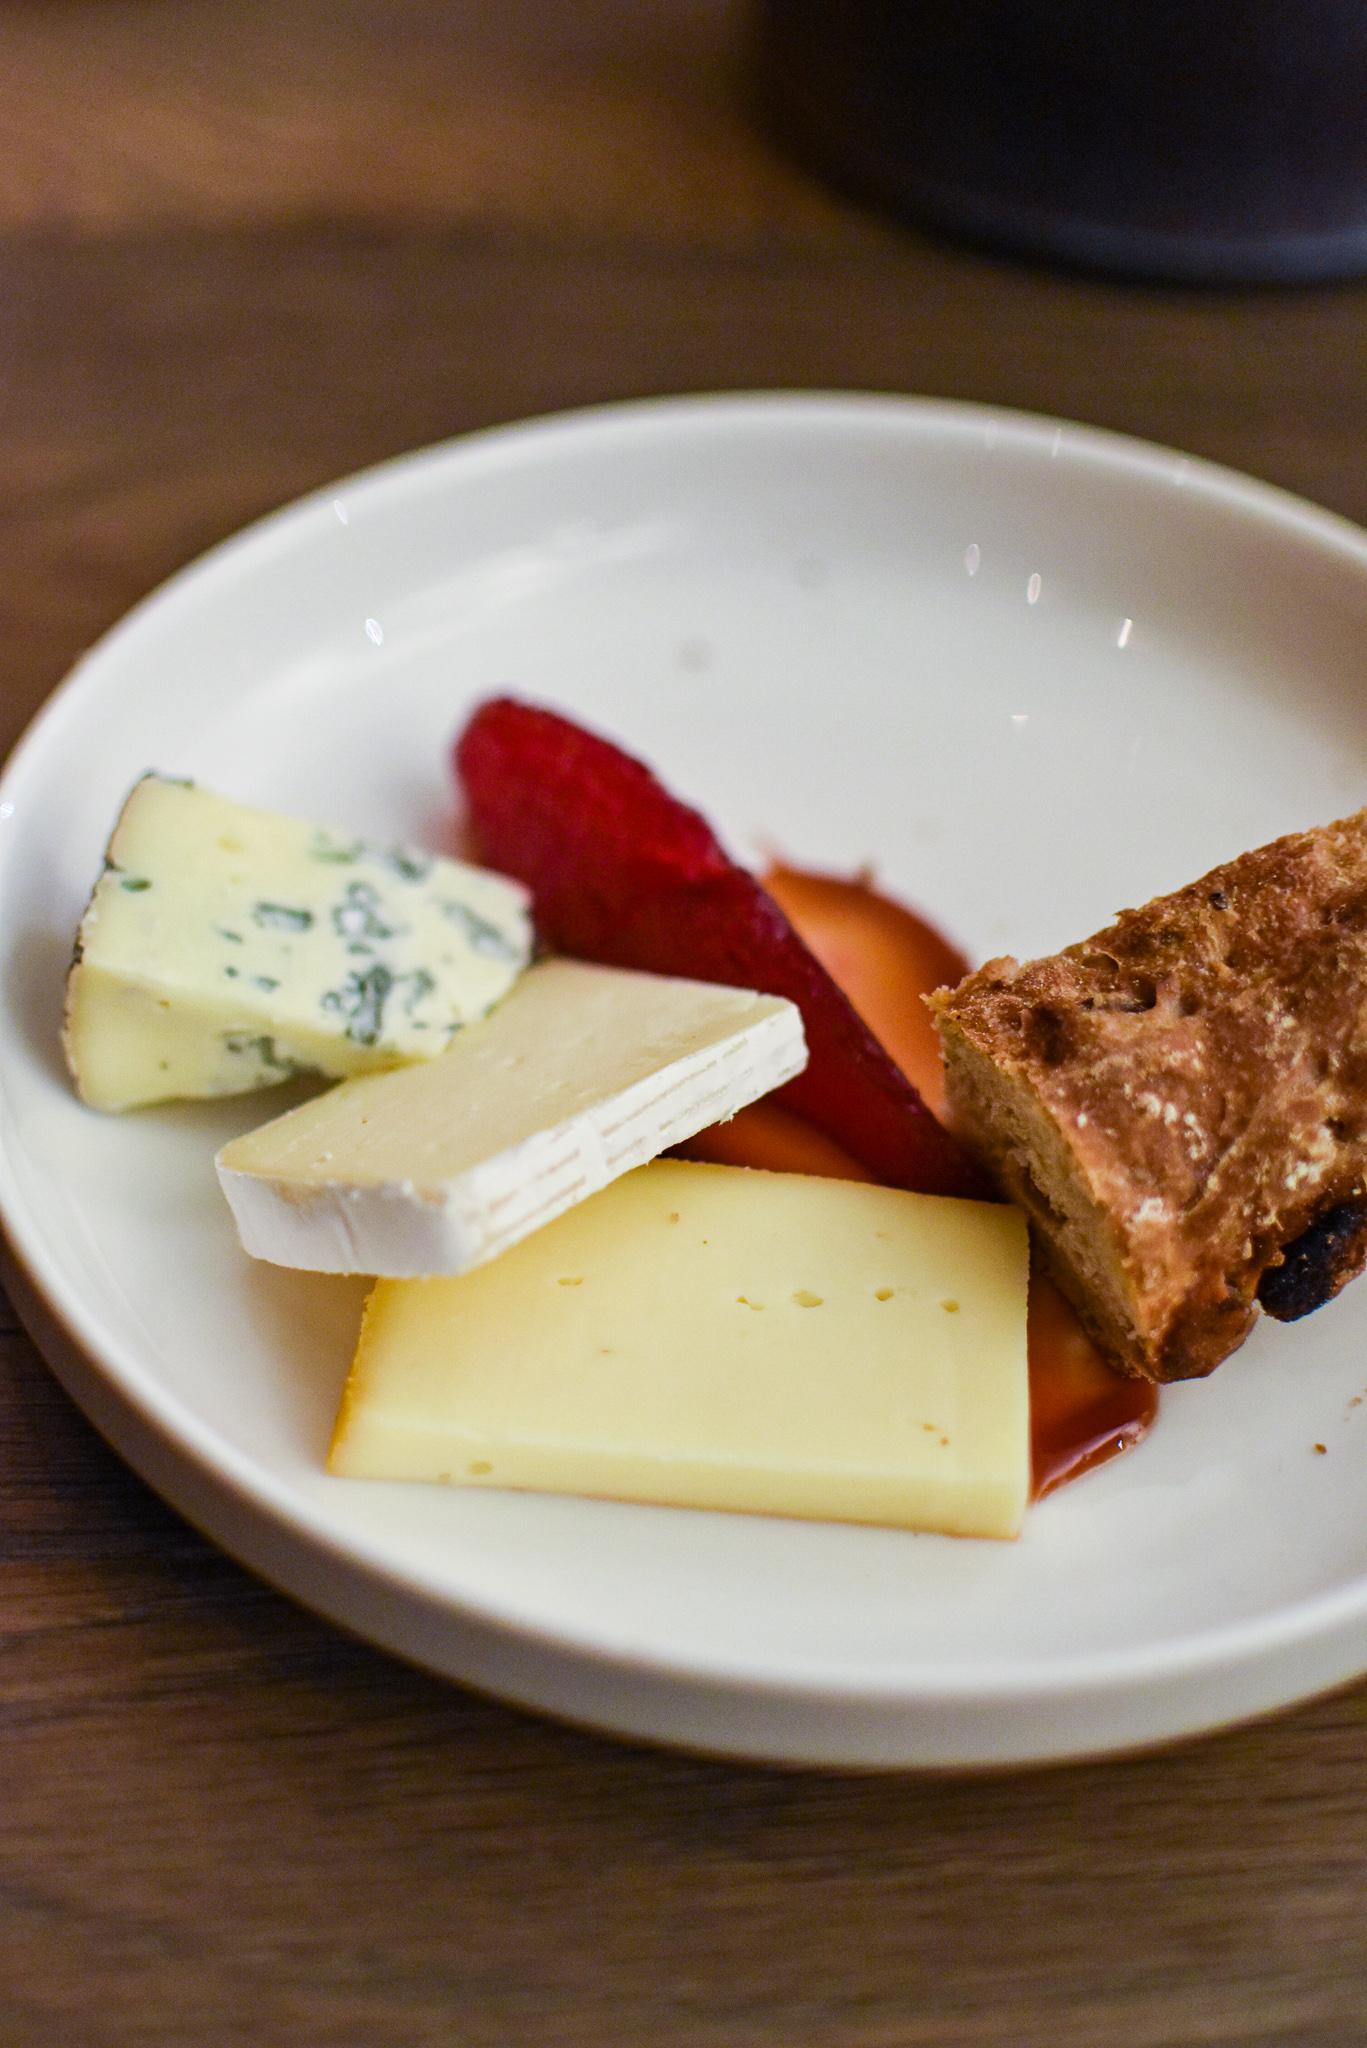 Drie kazen uit de regio - Luikse siroop - Peren - Rodebietsap - Roggebrood met rozijnen